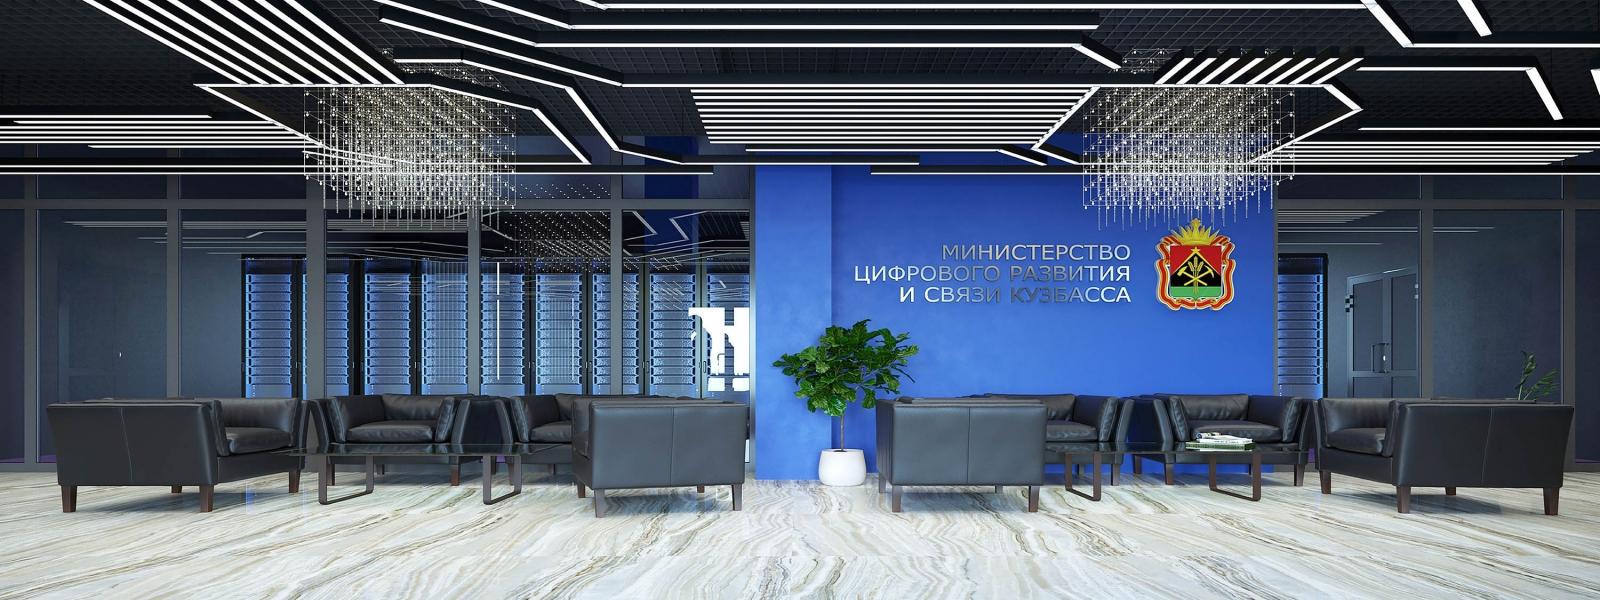 work-Информационный центр Кузбасса